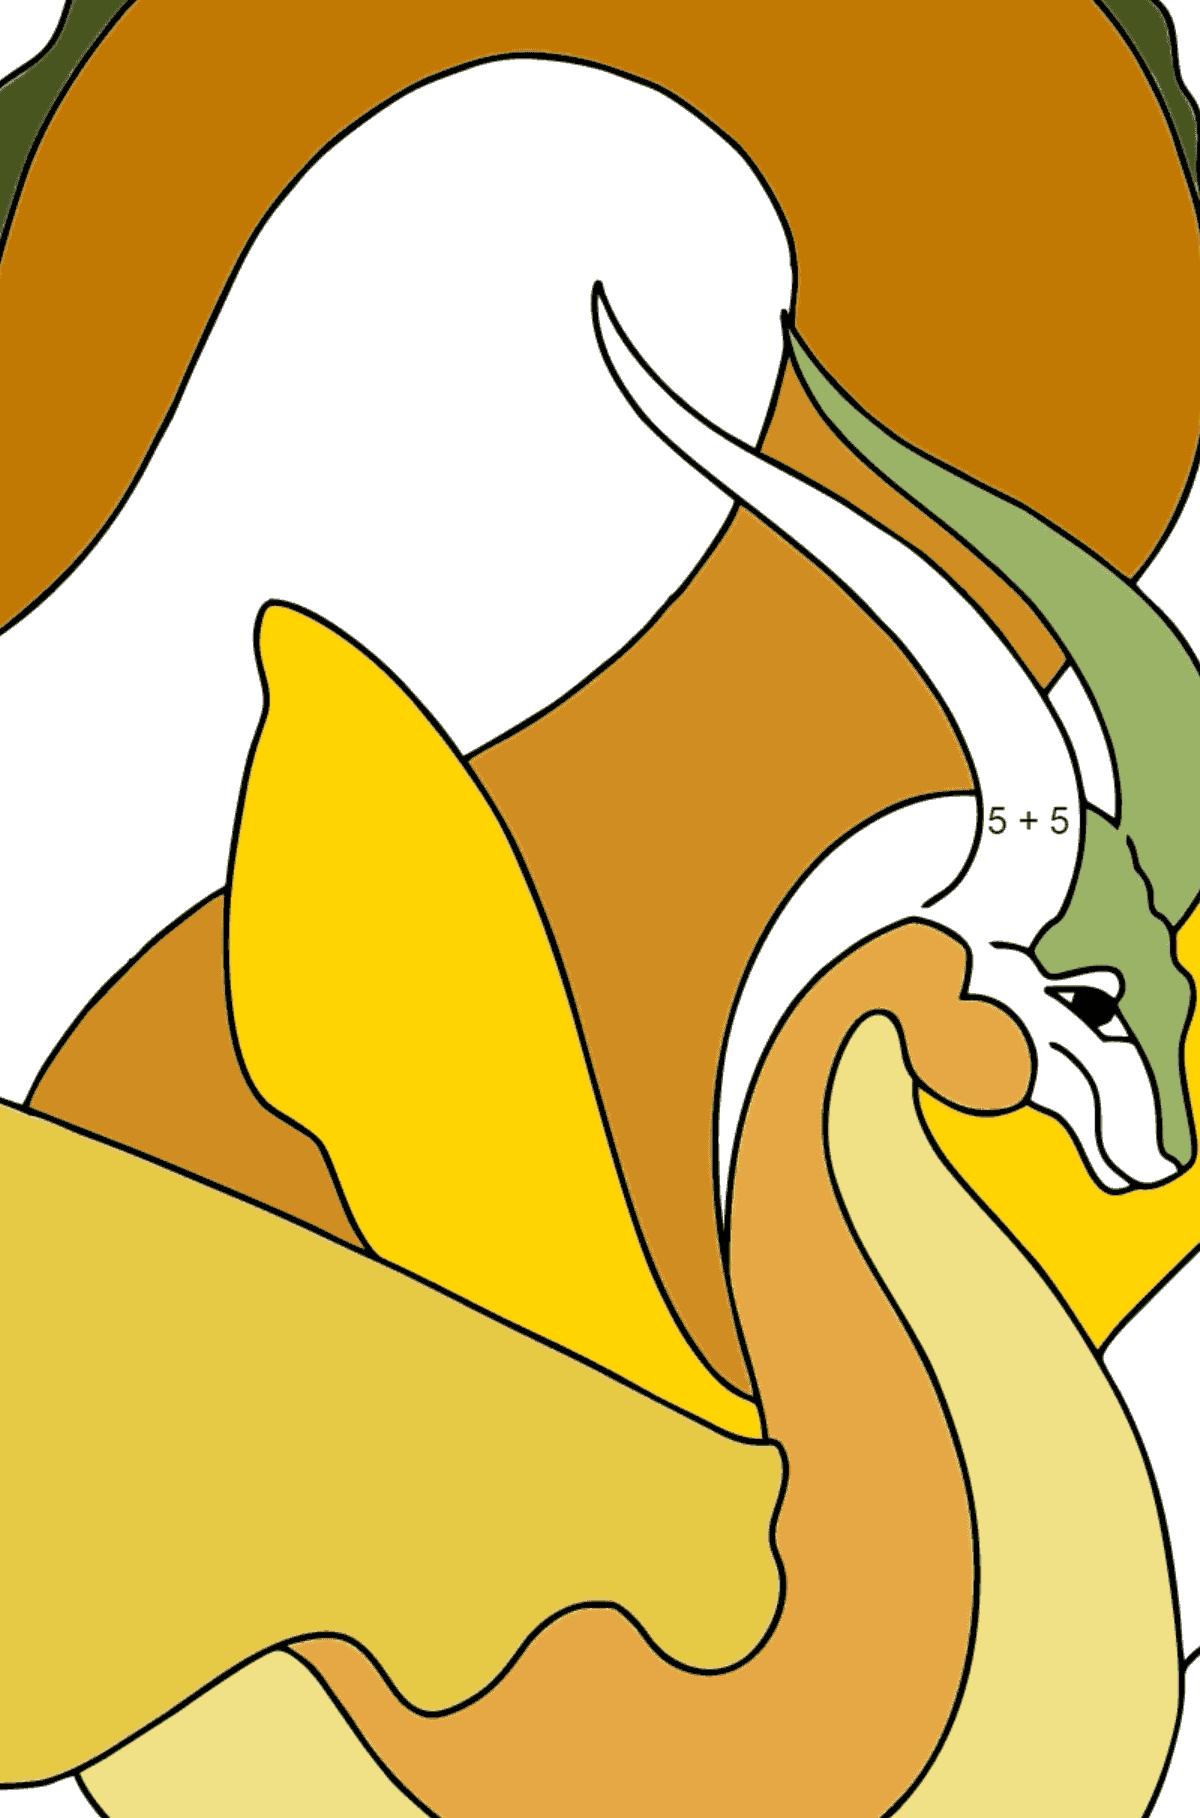 Раскраска Дракон с оранжевым хвостом - Математическая Раскраска - Сложение для Детей